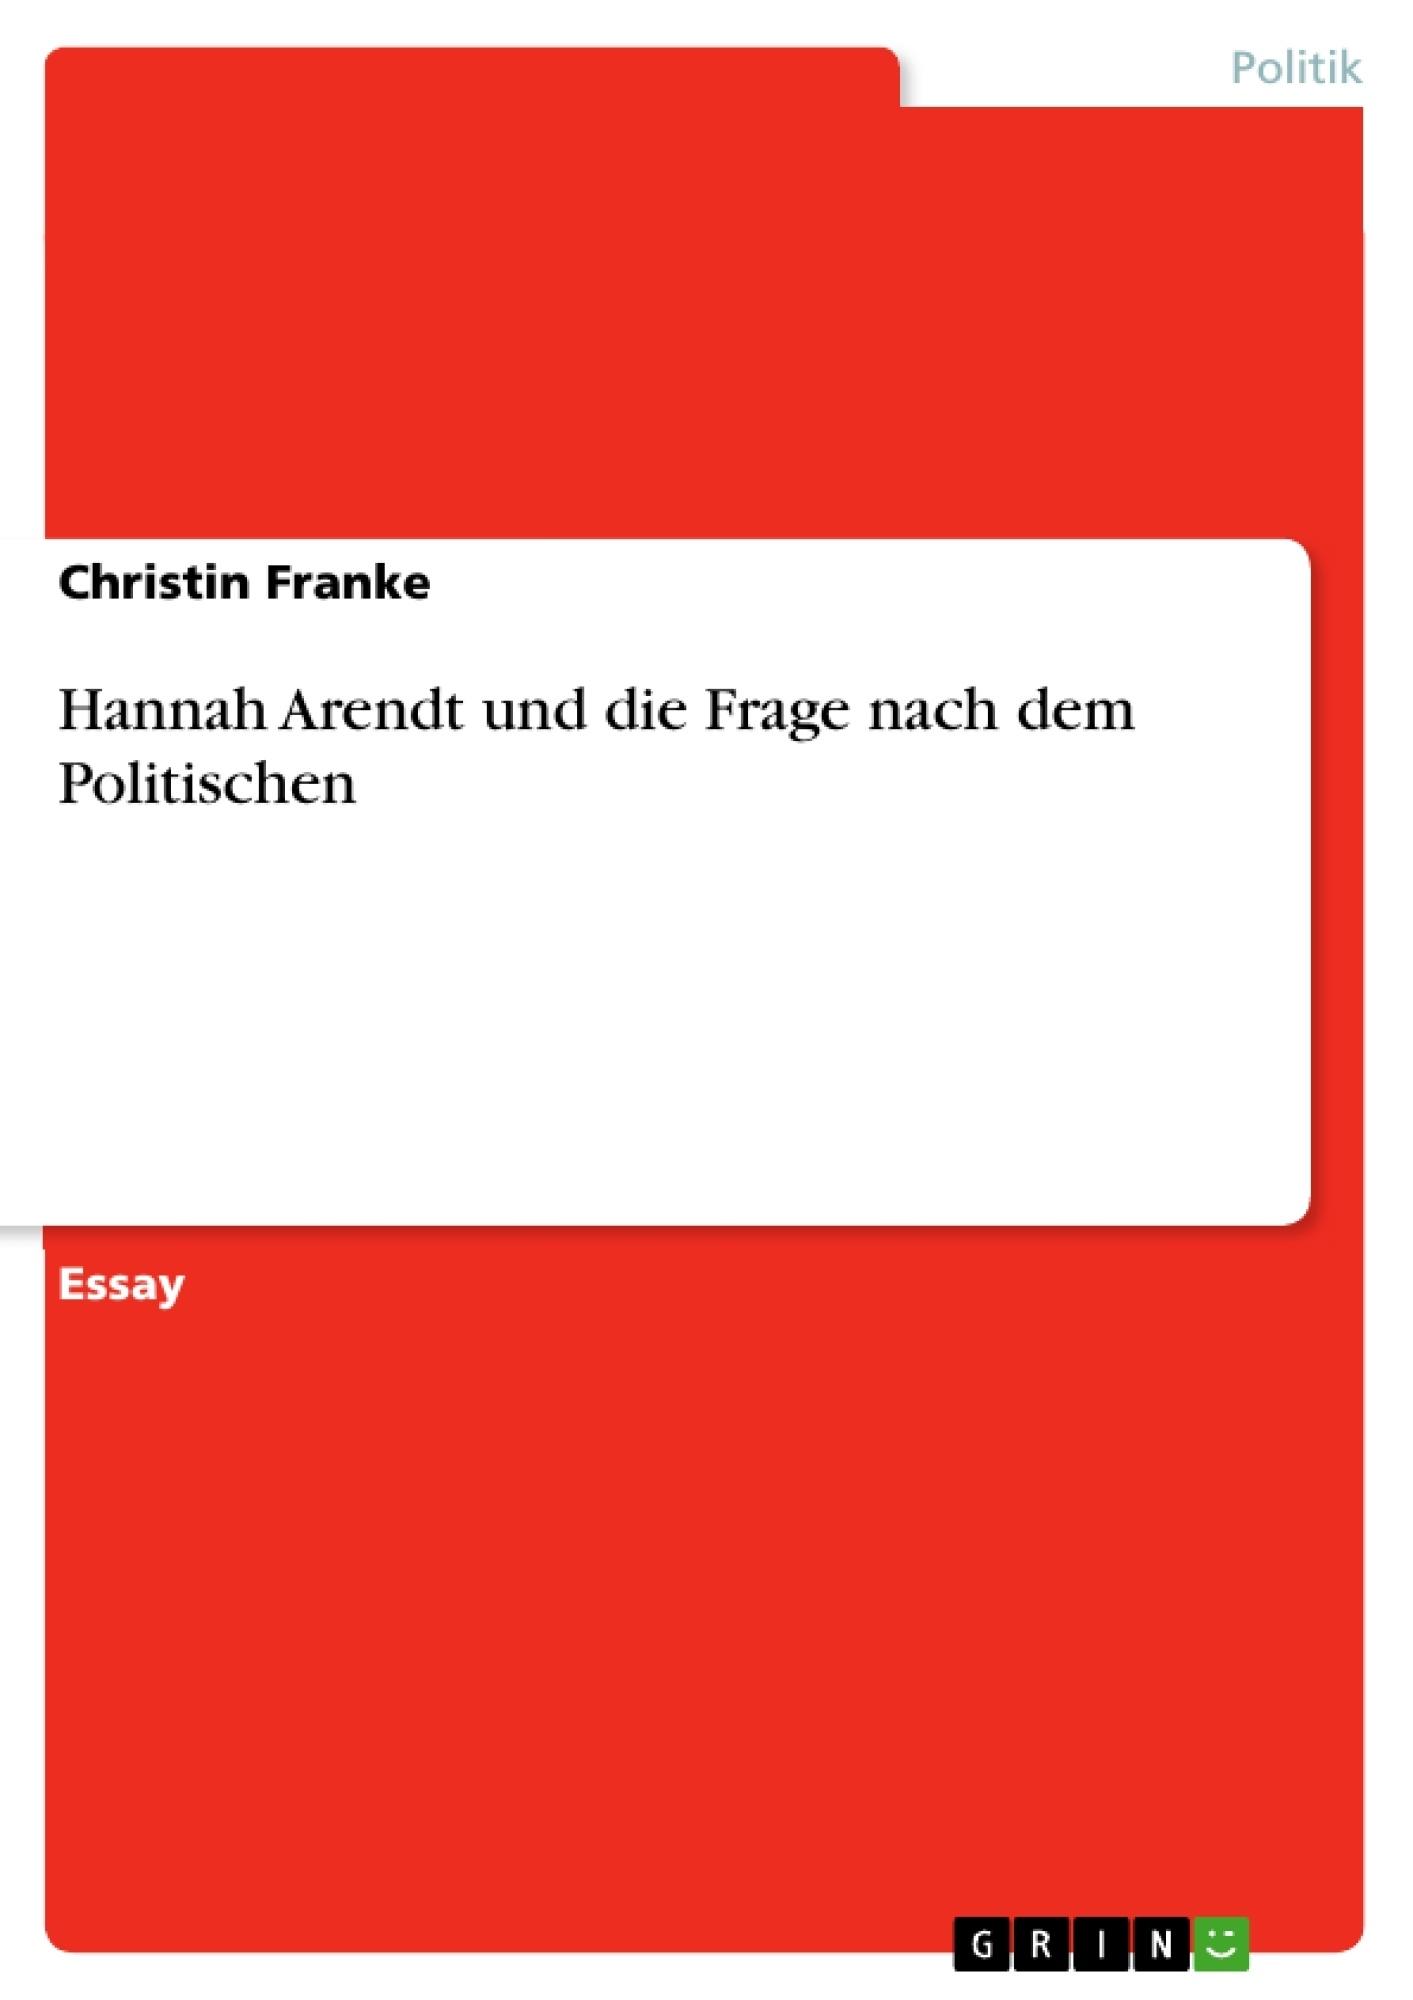 Titel: Hannah Arendt und die Frage nach dem Politischen